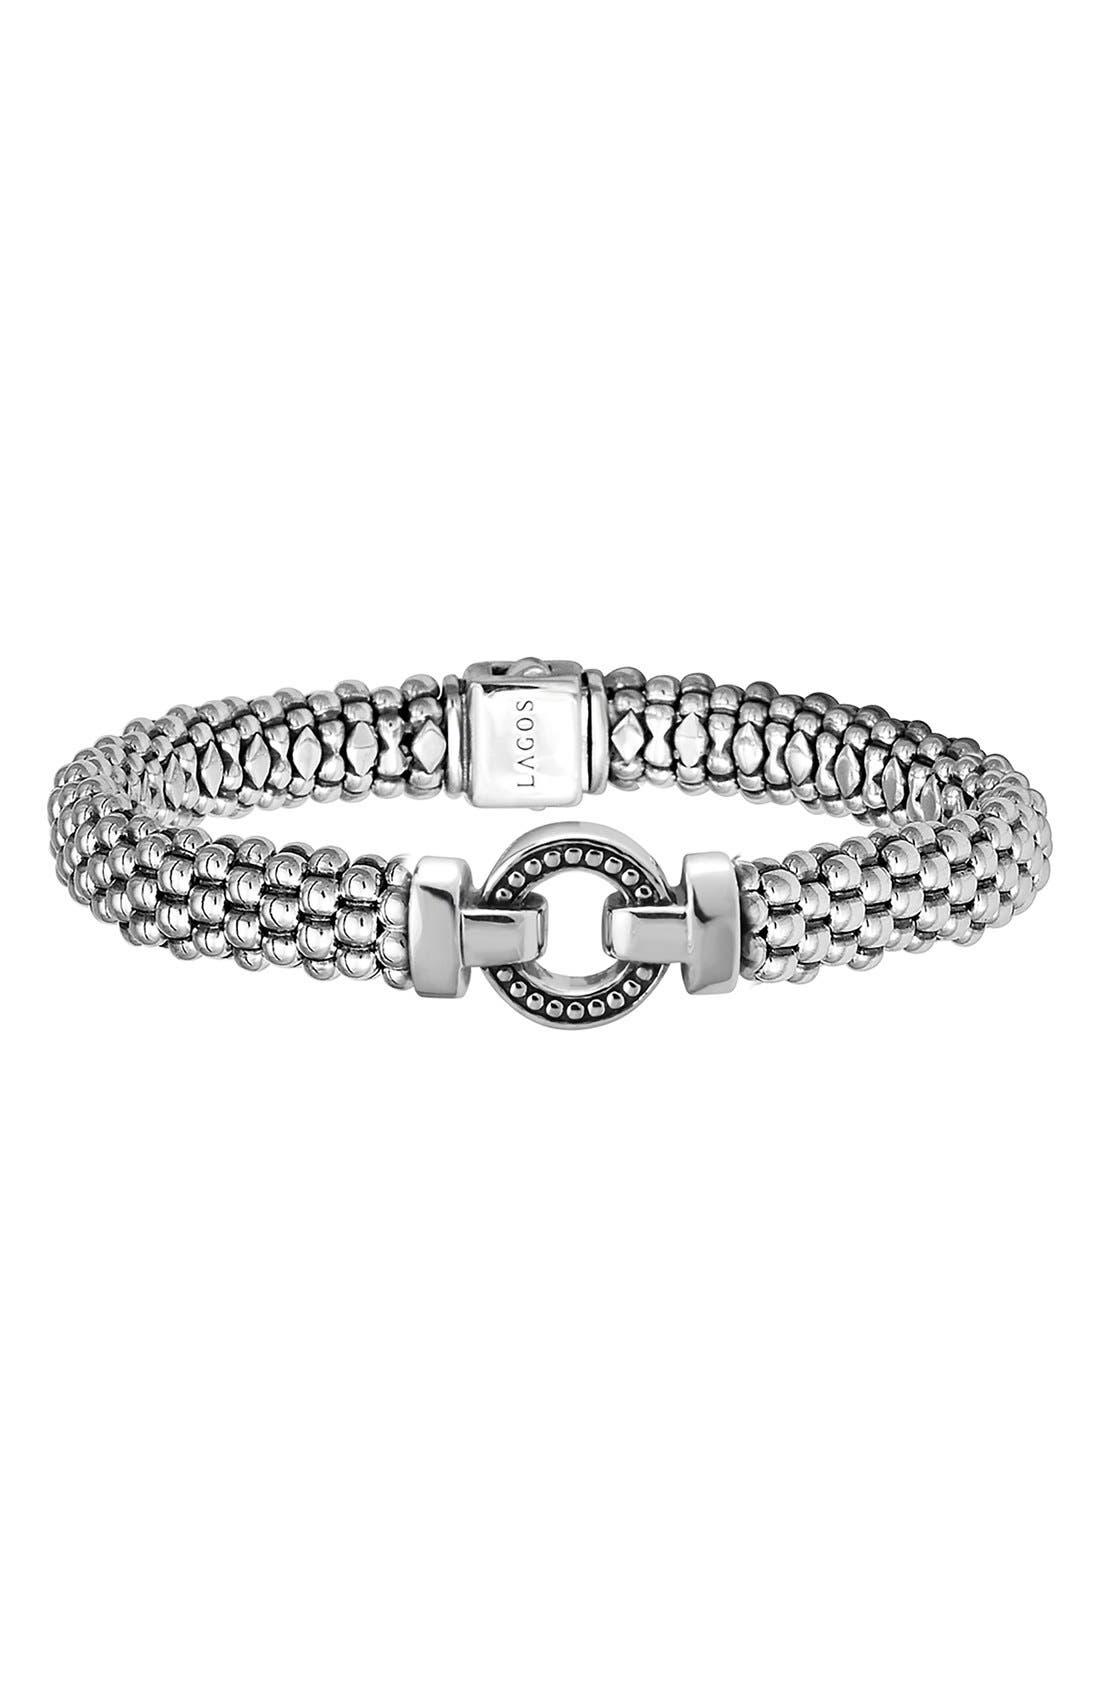 Main Image - LAGOS 'Enso' Caviar™ Rope Bracelet